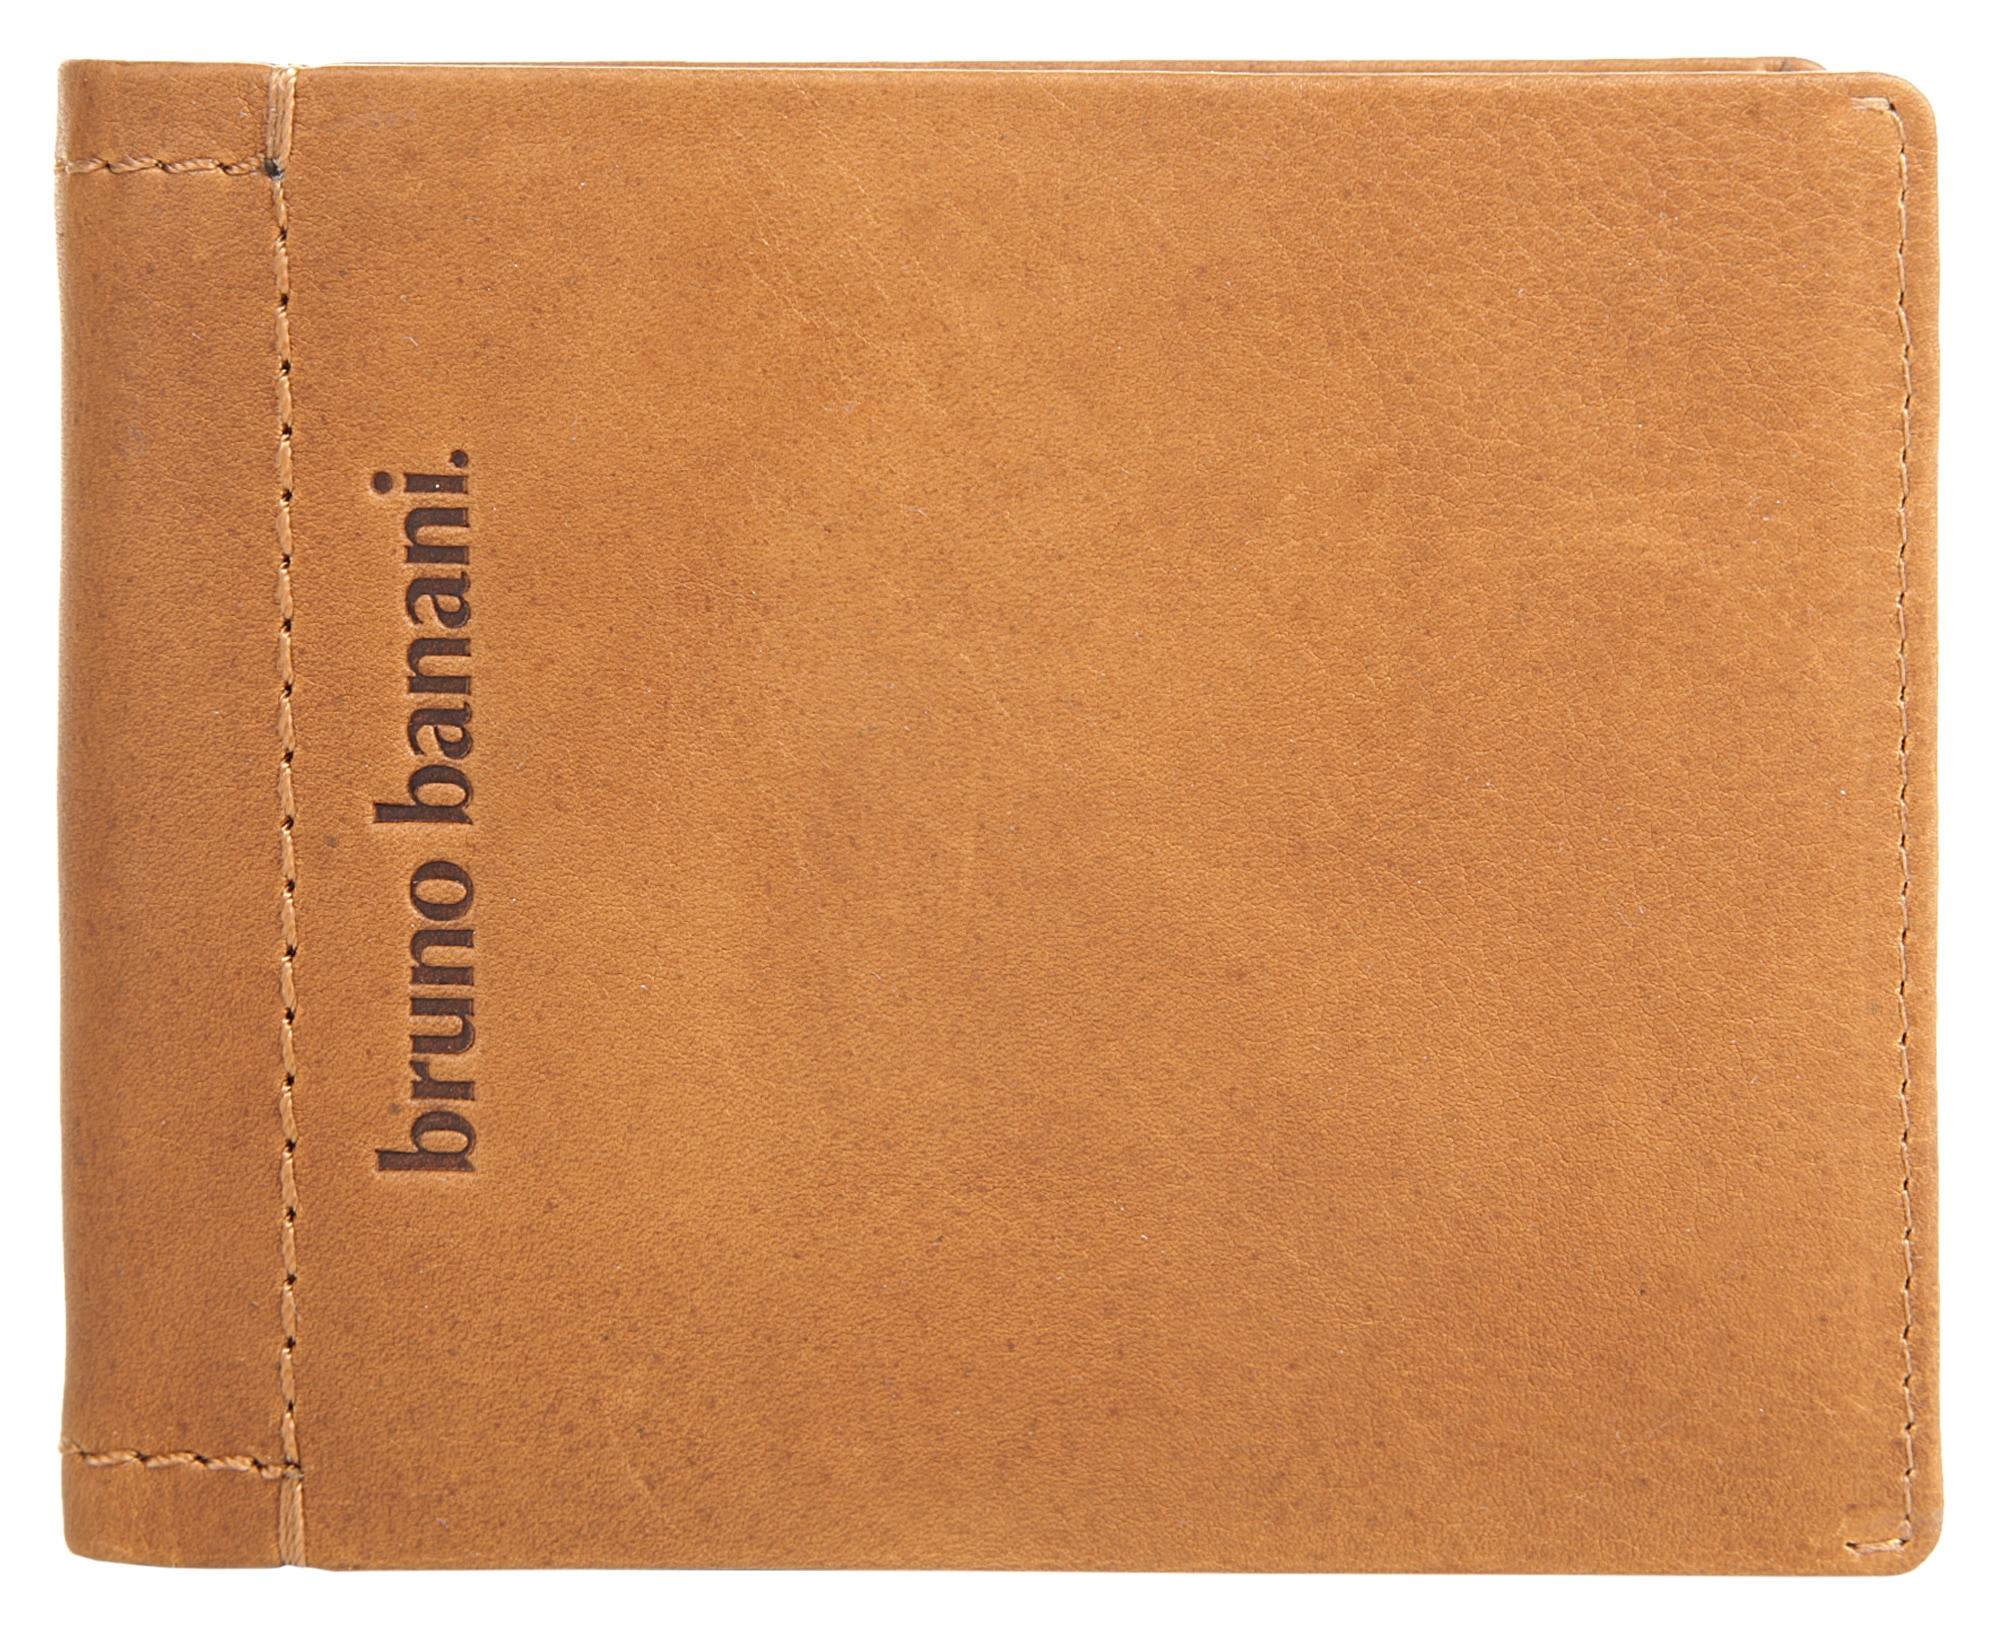 Bruno Banani Geldbörse | Accessoires > Portemonnaies > Geldbörsen | Bruno Banani